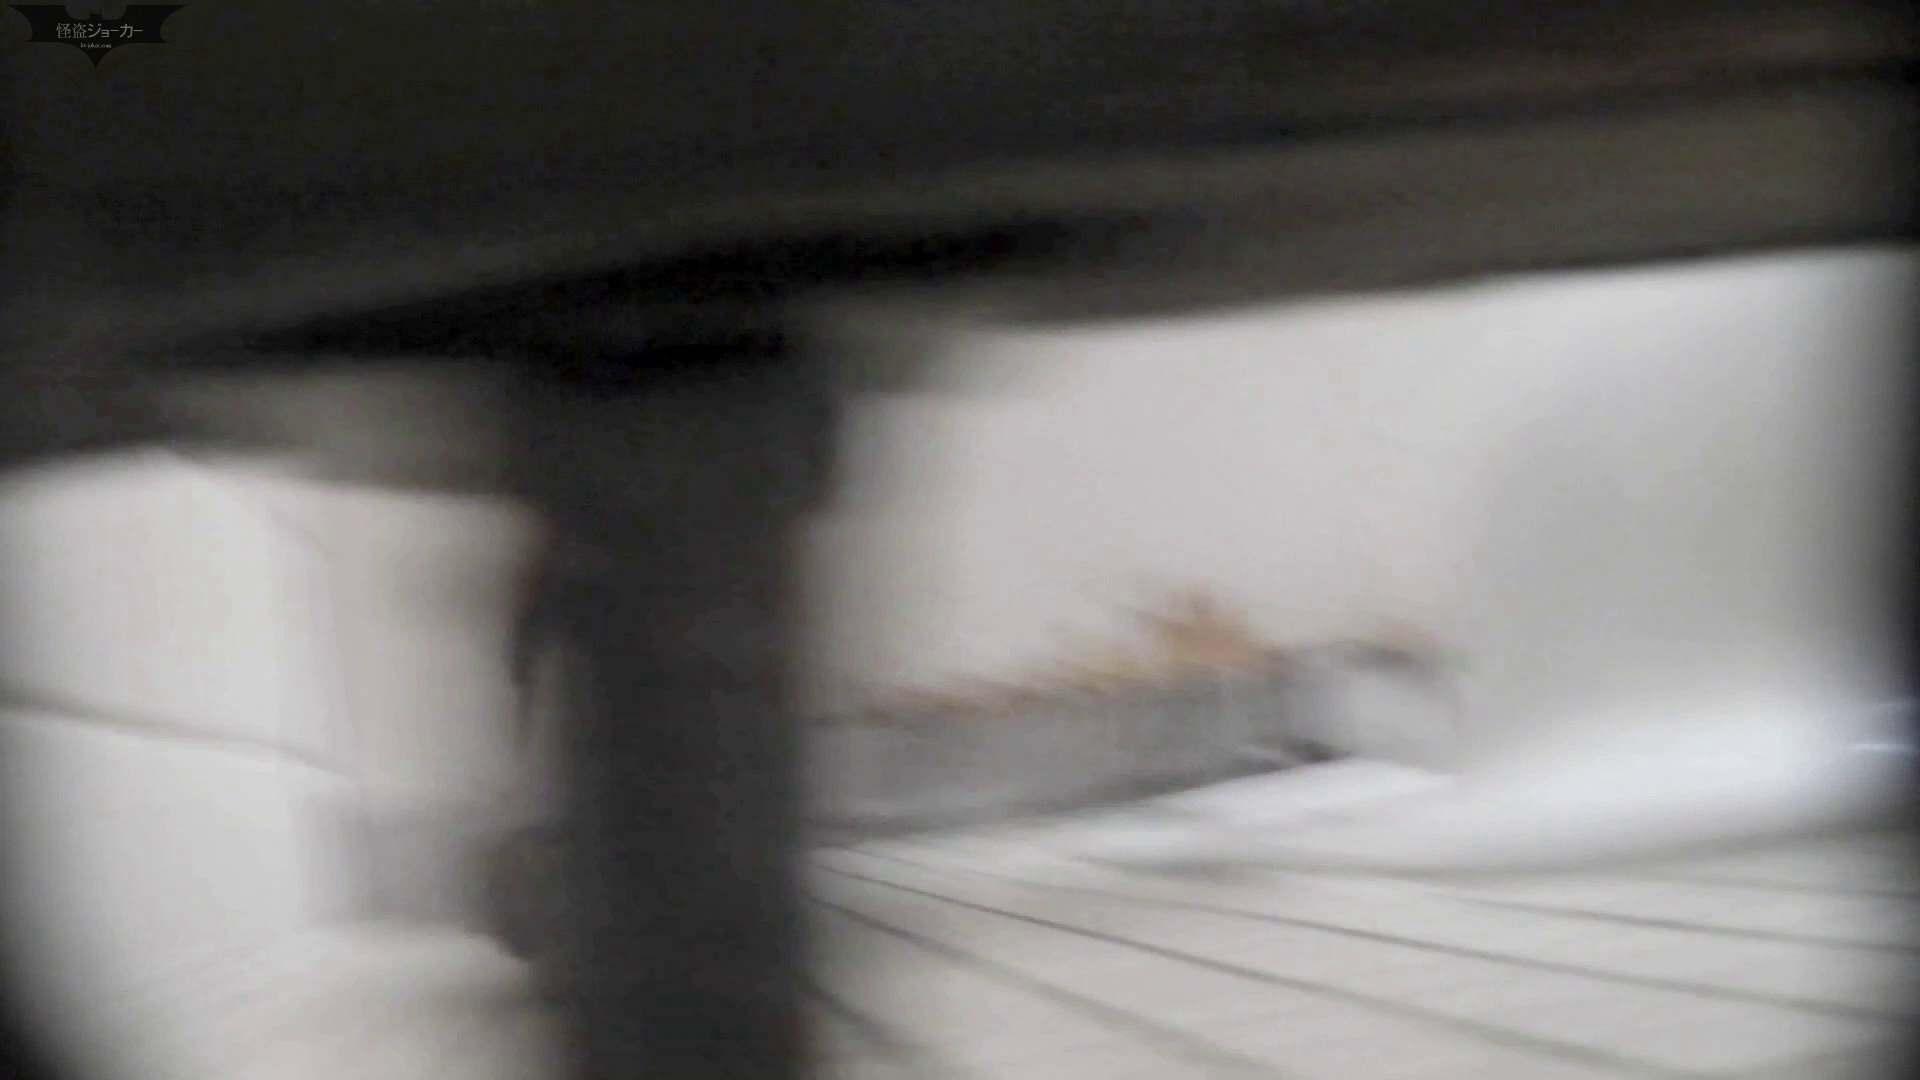 洗面所特攻隊 vol.64 運動不足?繊維不足?いやいや水分不足? 丸見え われめAV動画紹介 84画像 56